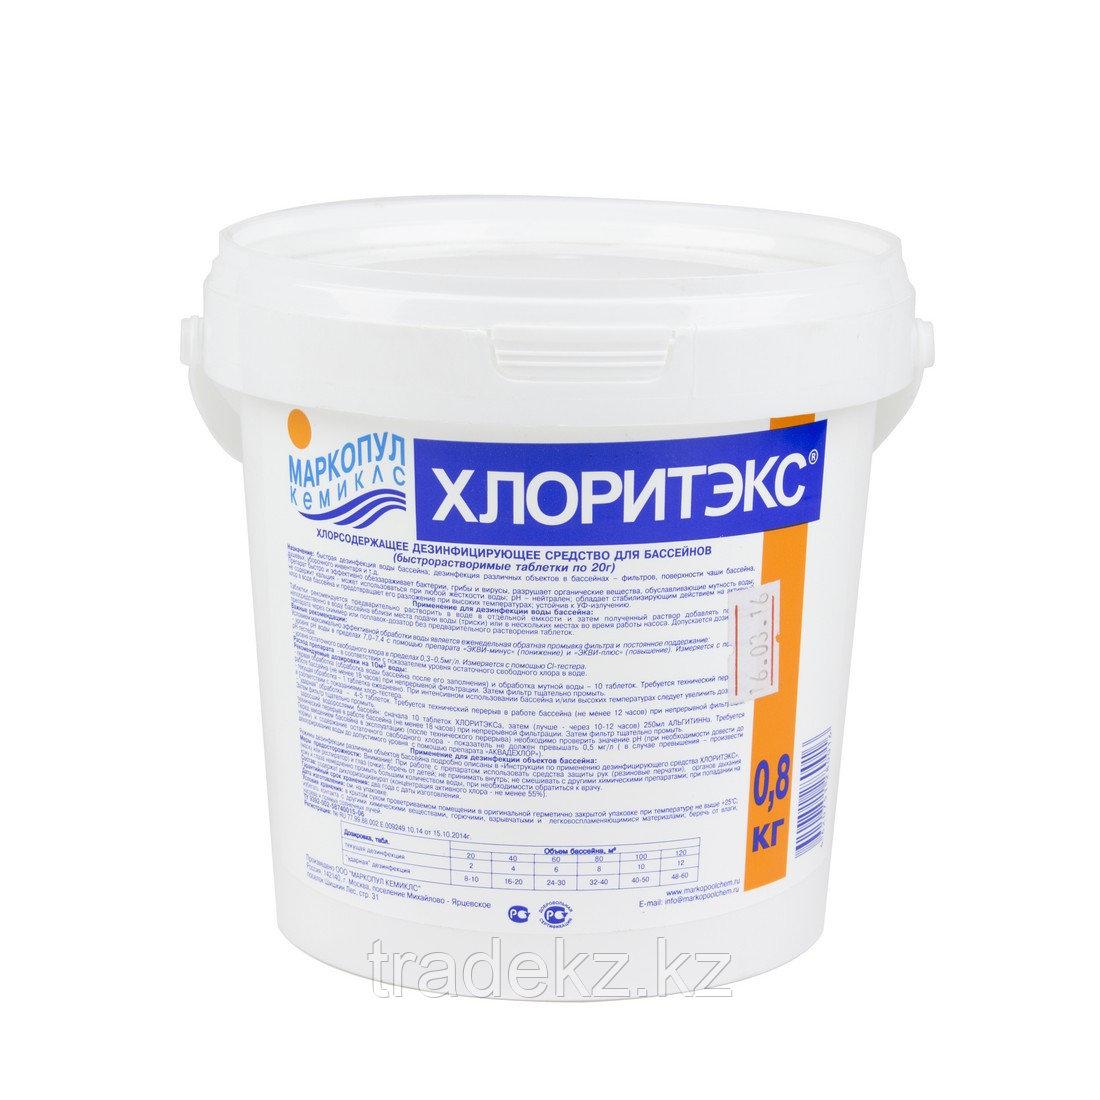 Химия для обработки воды в бассейне ХЛОРИТЭКС 20 гр.